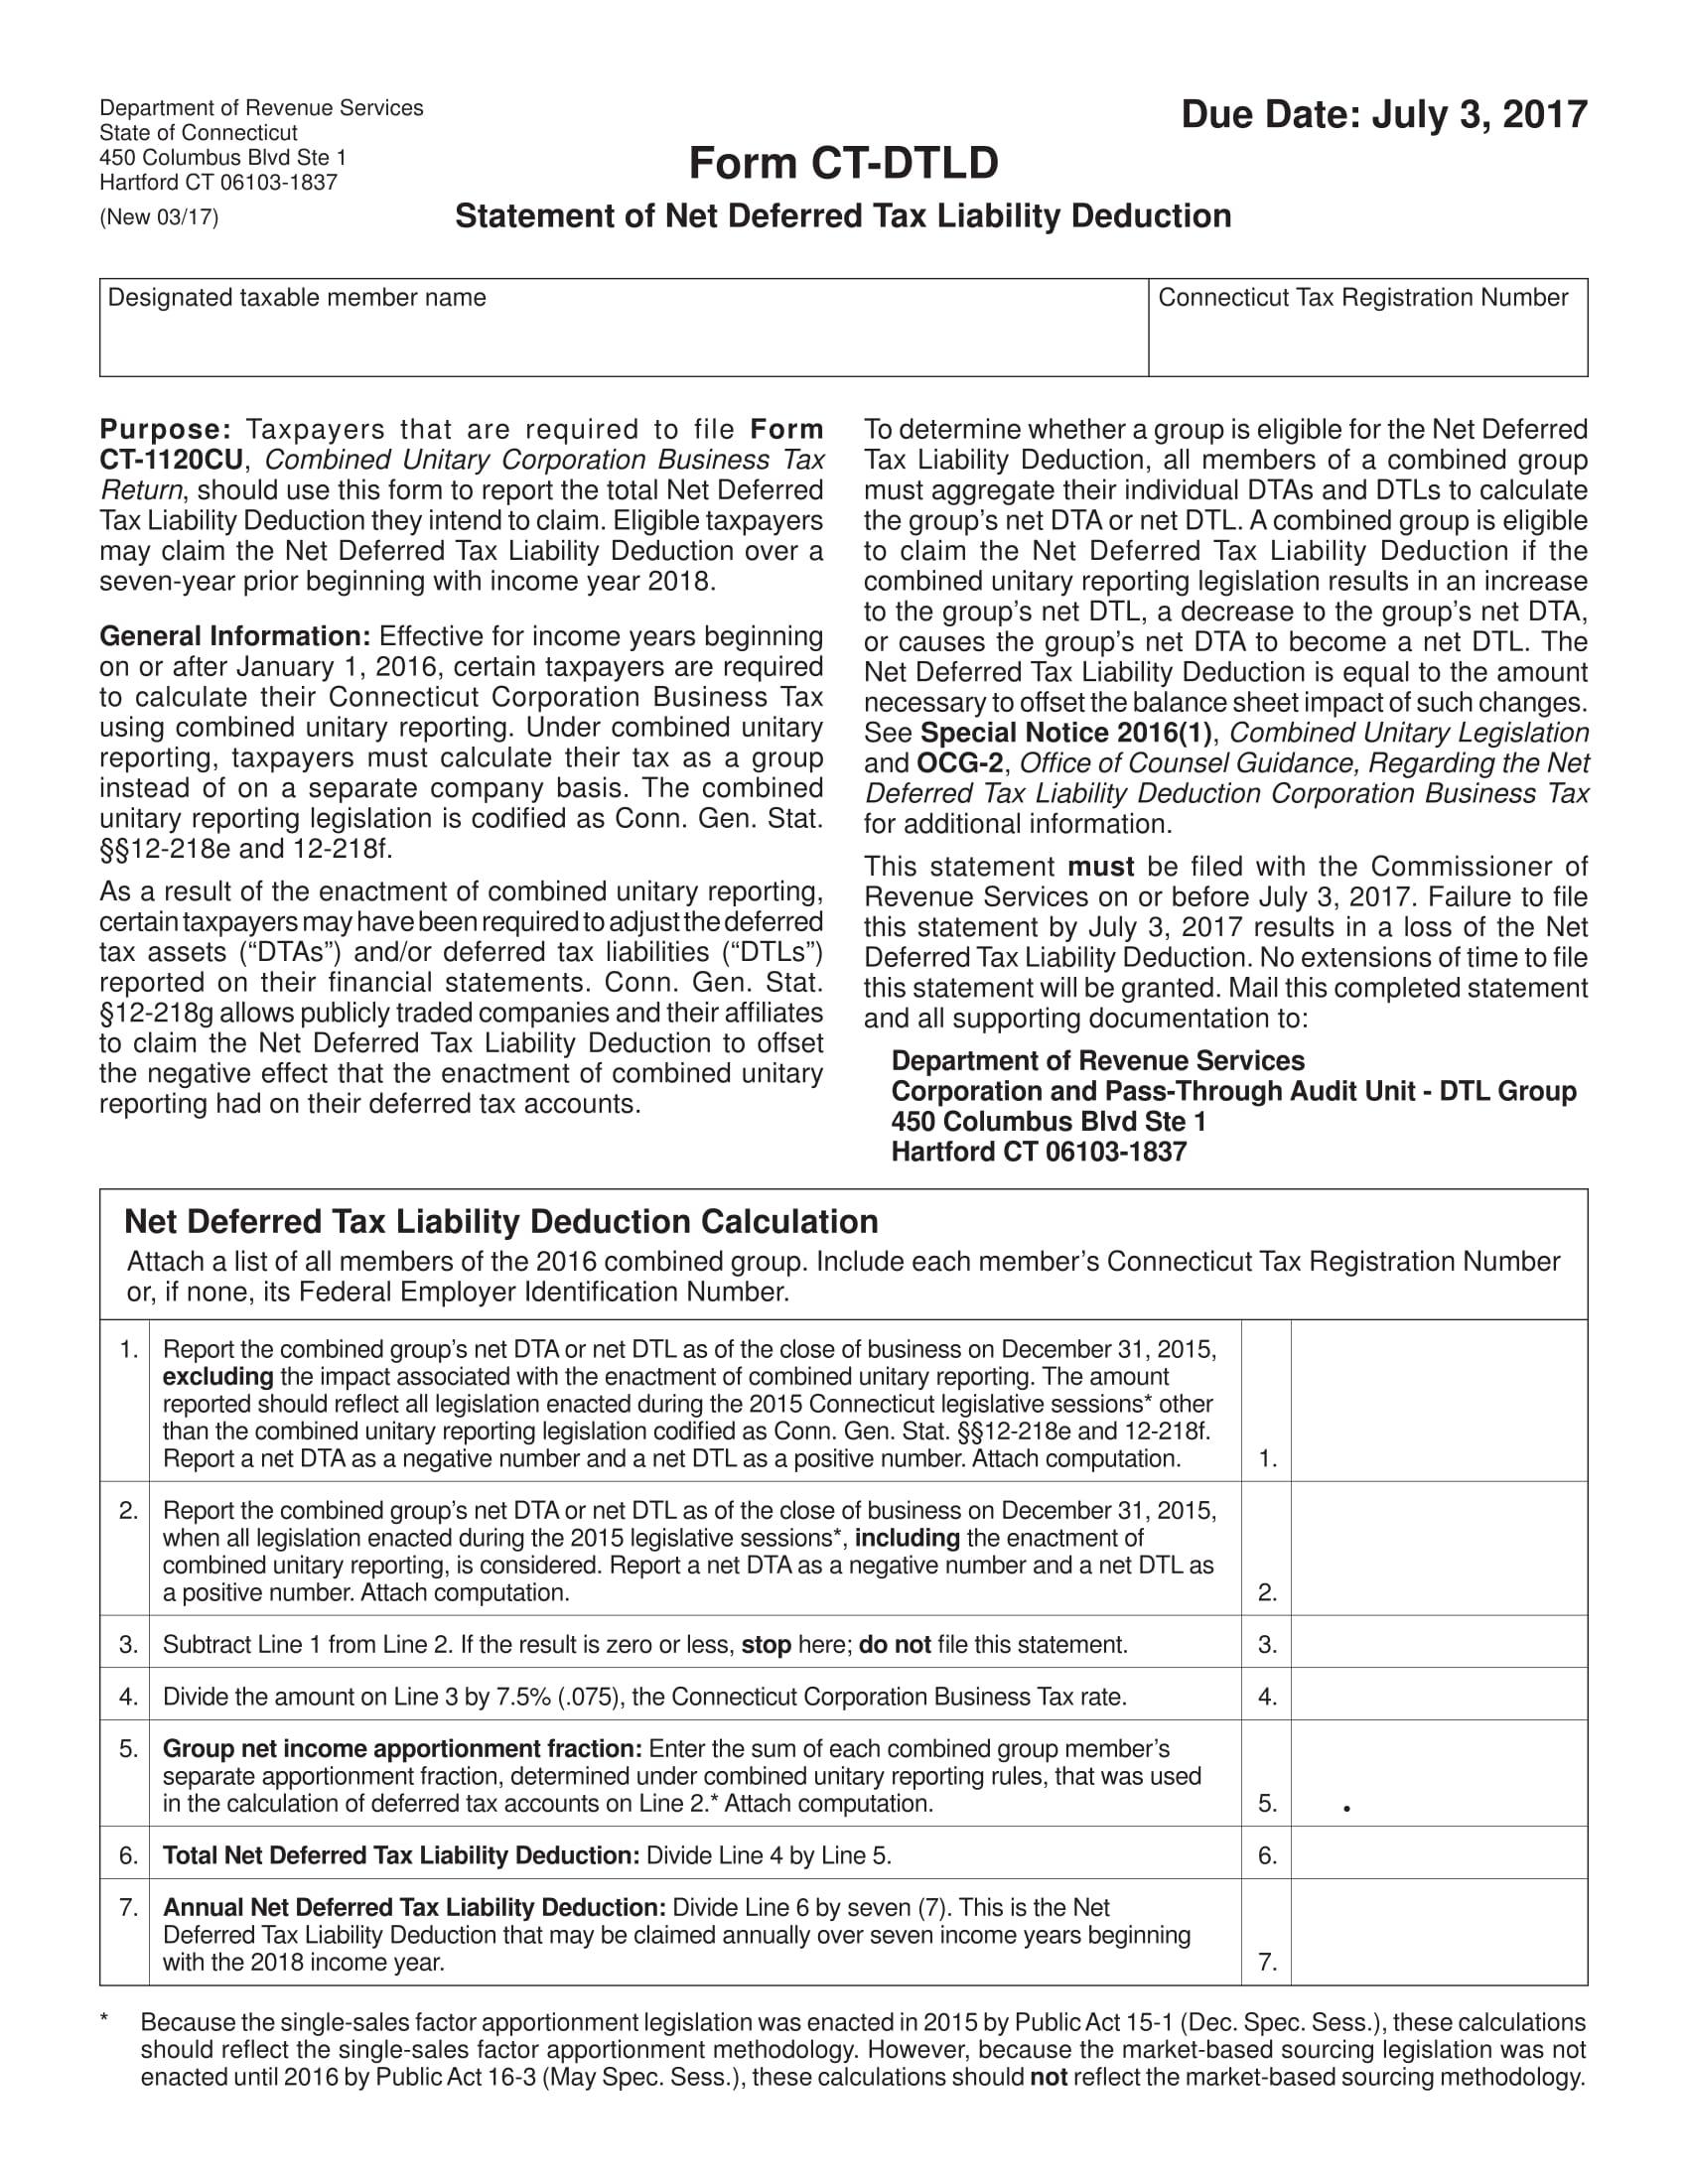 tax liability statement form 1